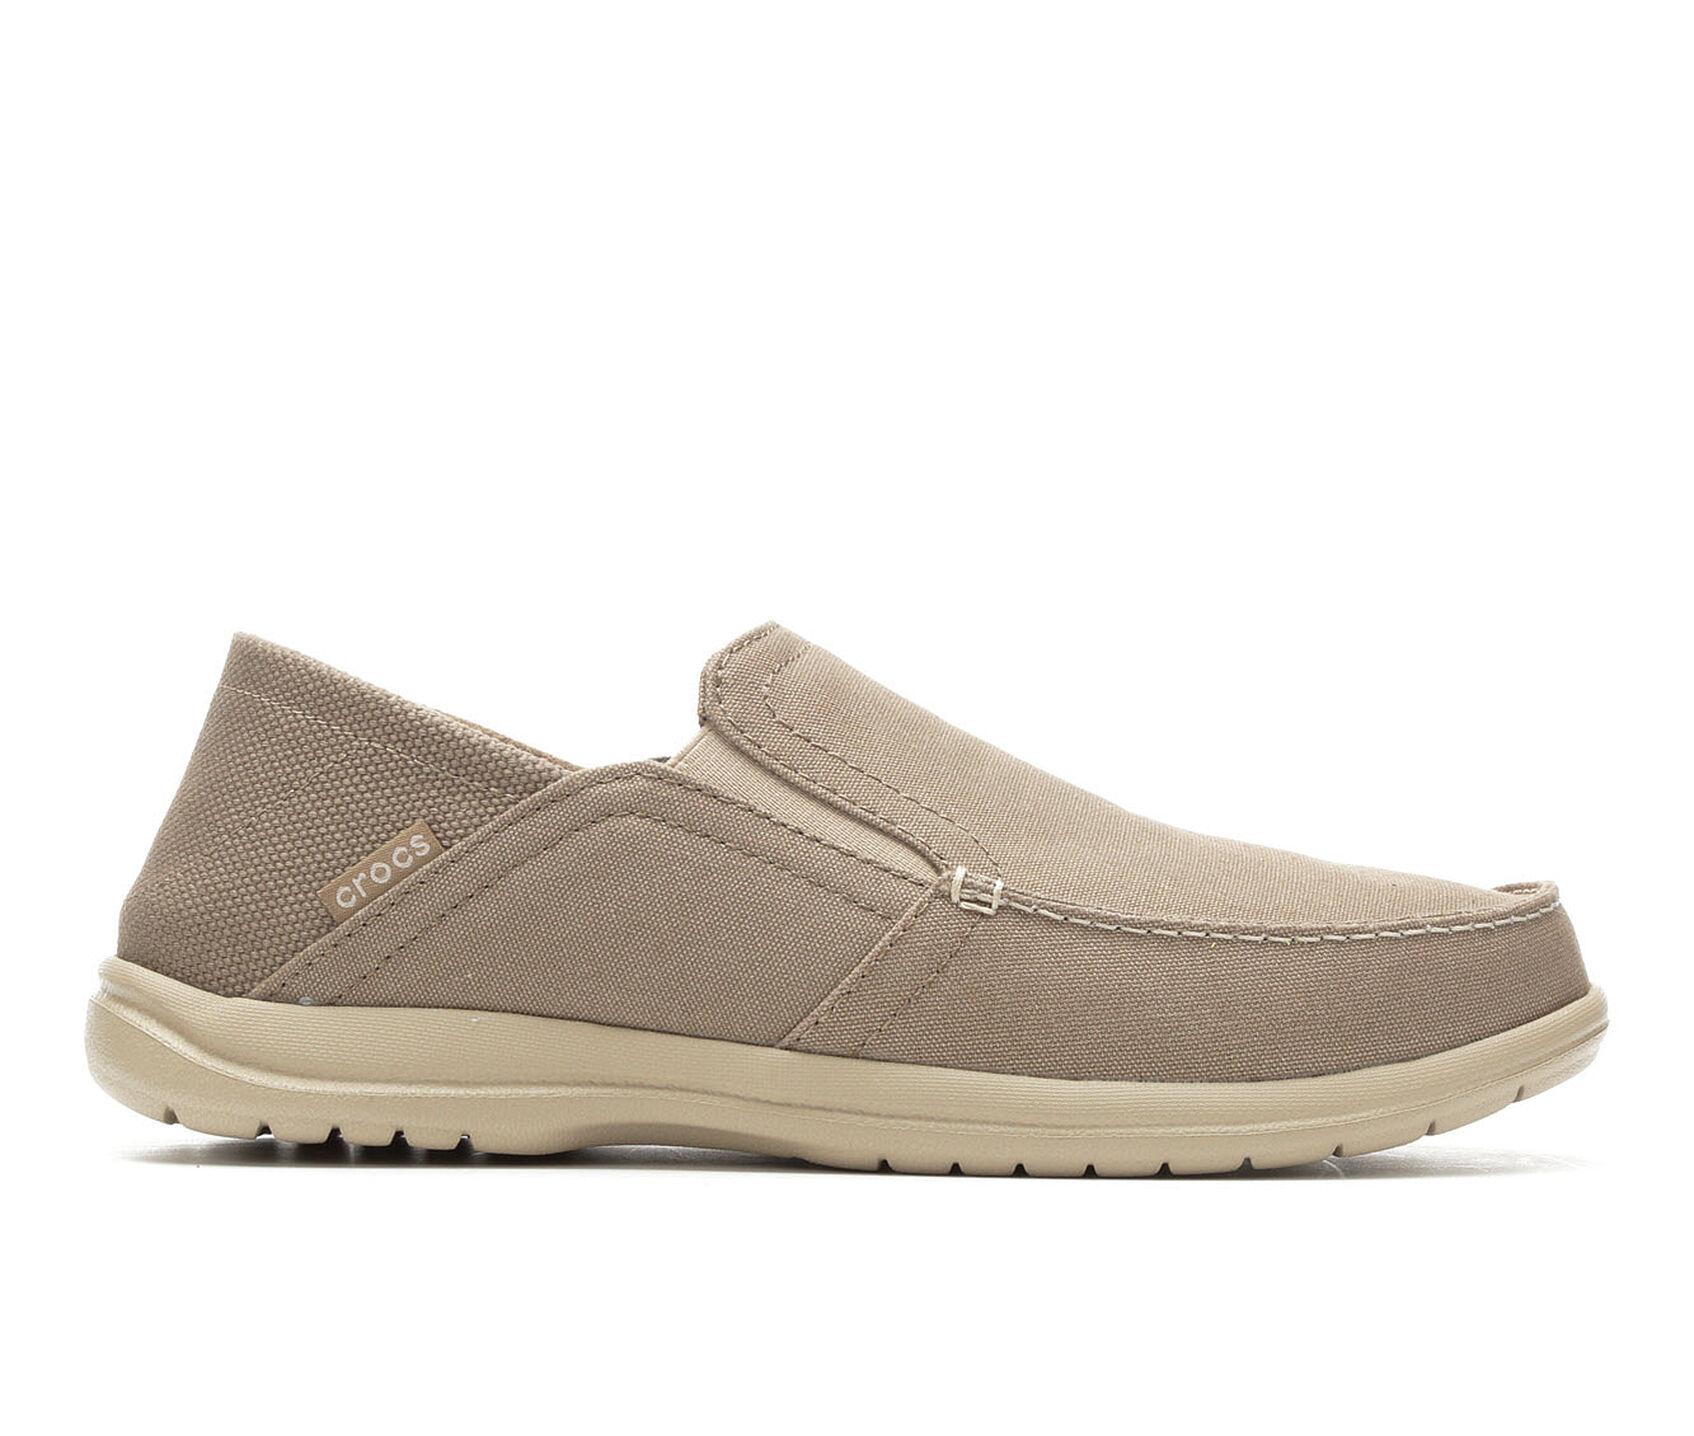 1d68f1e85a982 Men's Crocs Santa Cruz Convertible Slip On Loafer